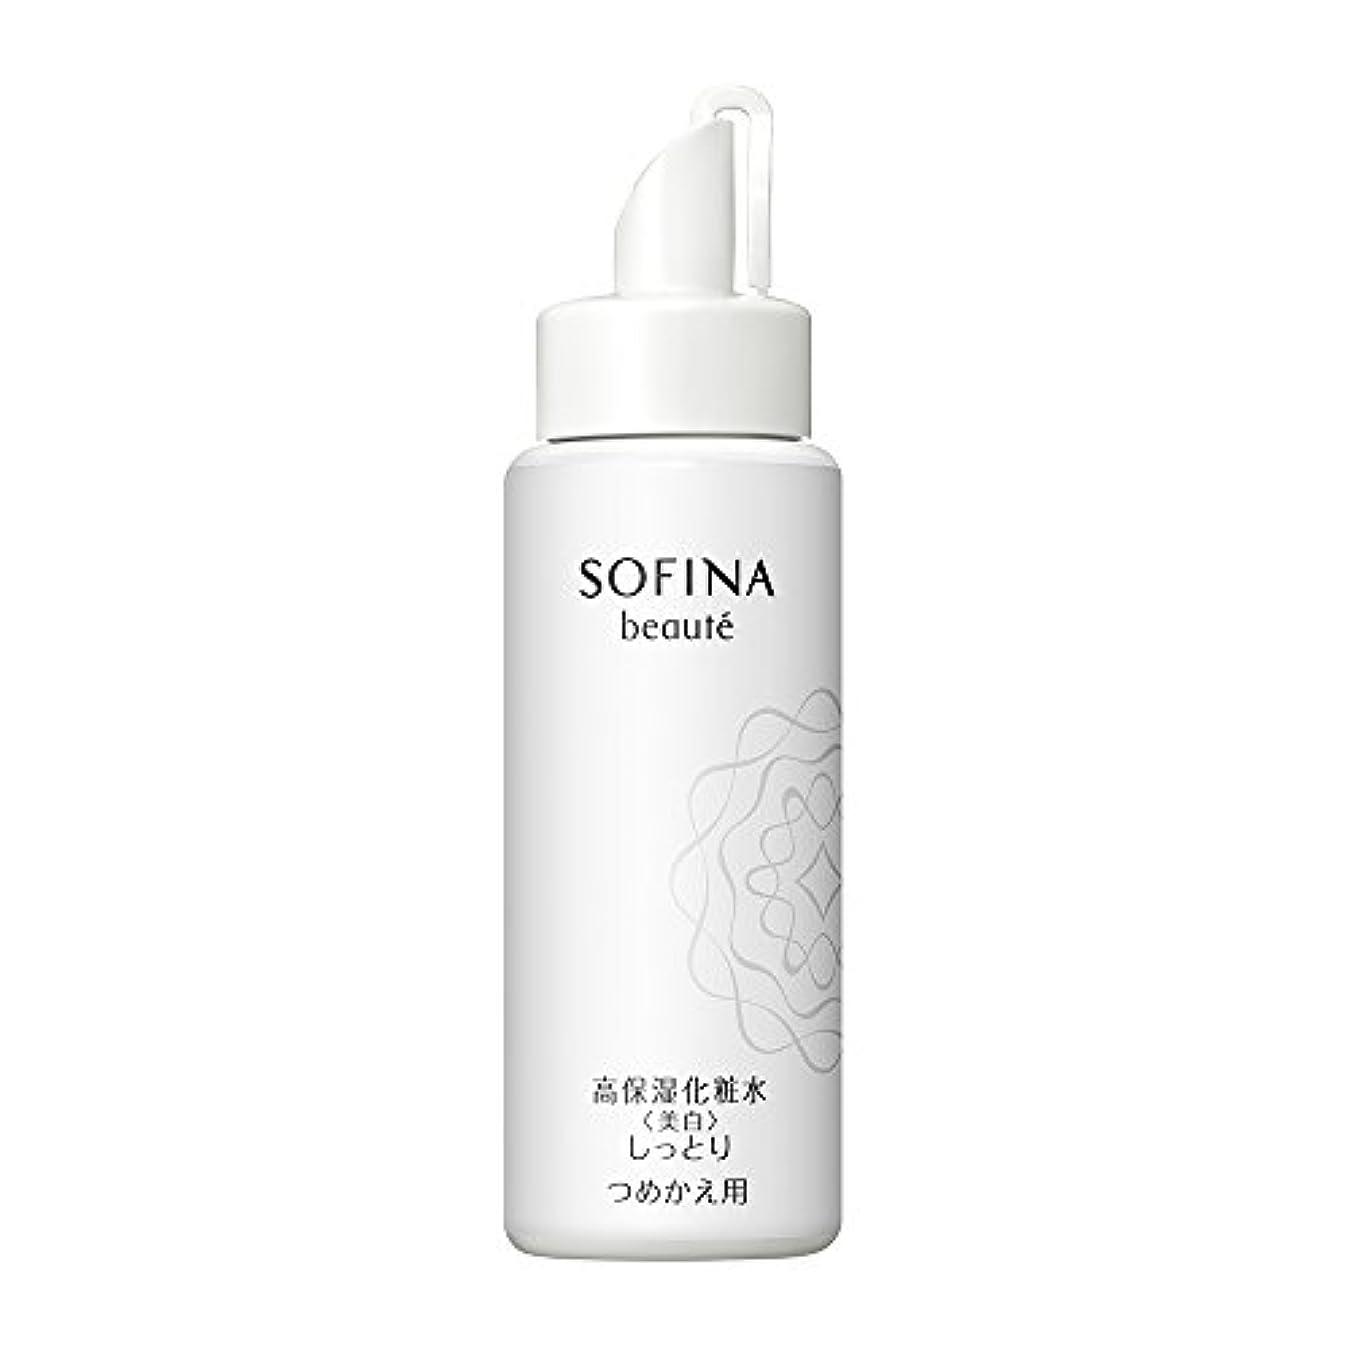 普遍的な風味証明するソフィーナボーテ 高保湿化粧水(美白)しっとり つめかえ 130ml【医薬部外品】